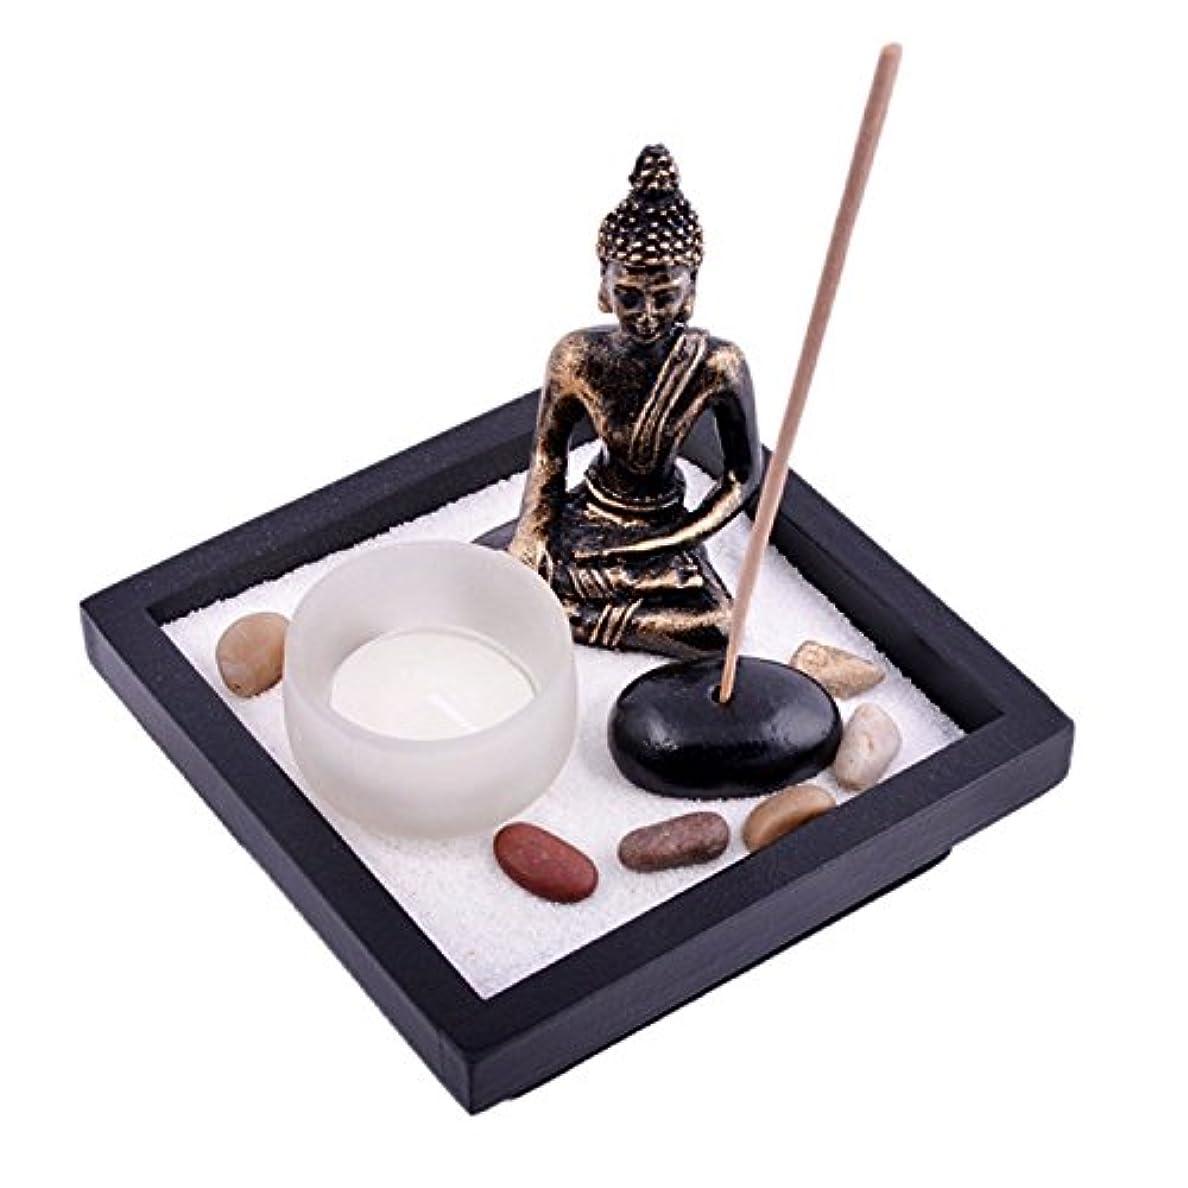 酸ブロンズ確かめるThy Collectibles Asian Japanese Feng Shui砂Zen Garden Buddha Tealight & Incense Holder yd50